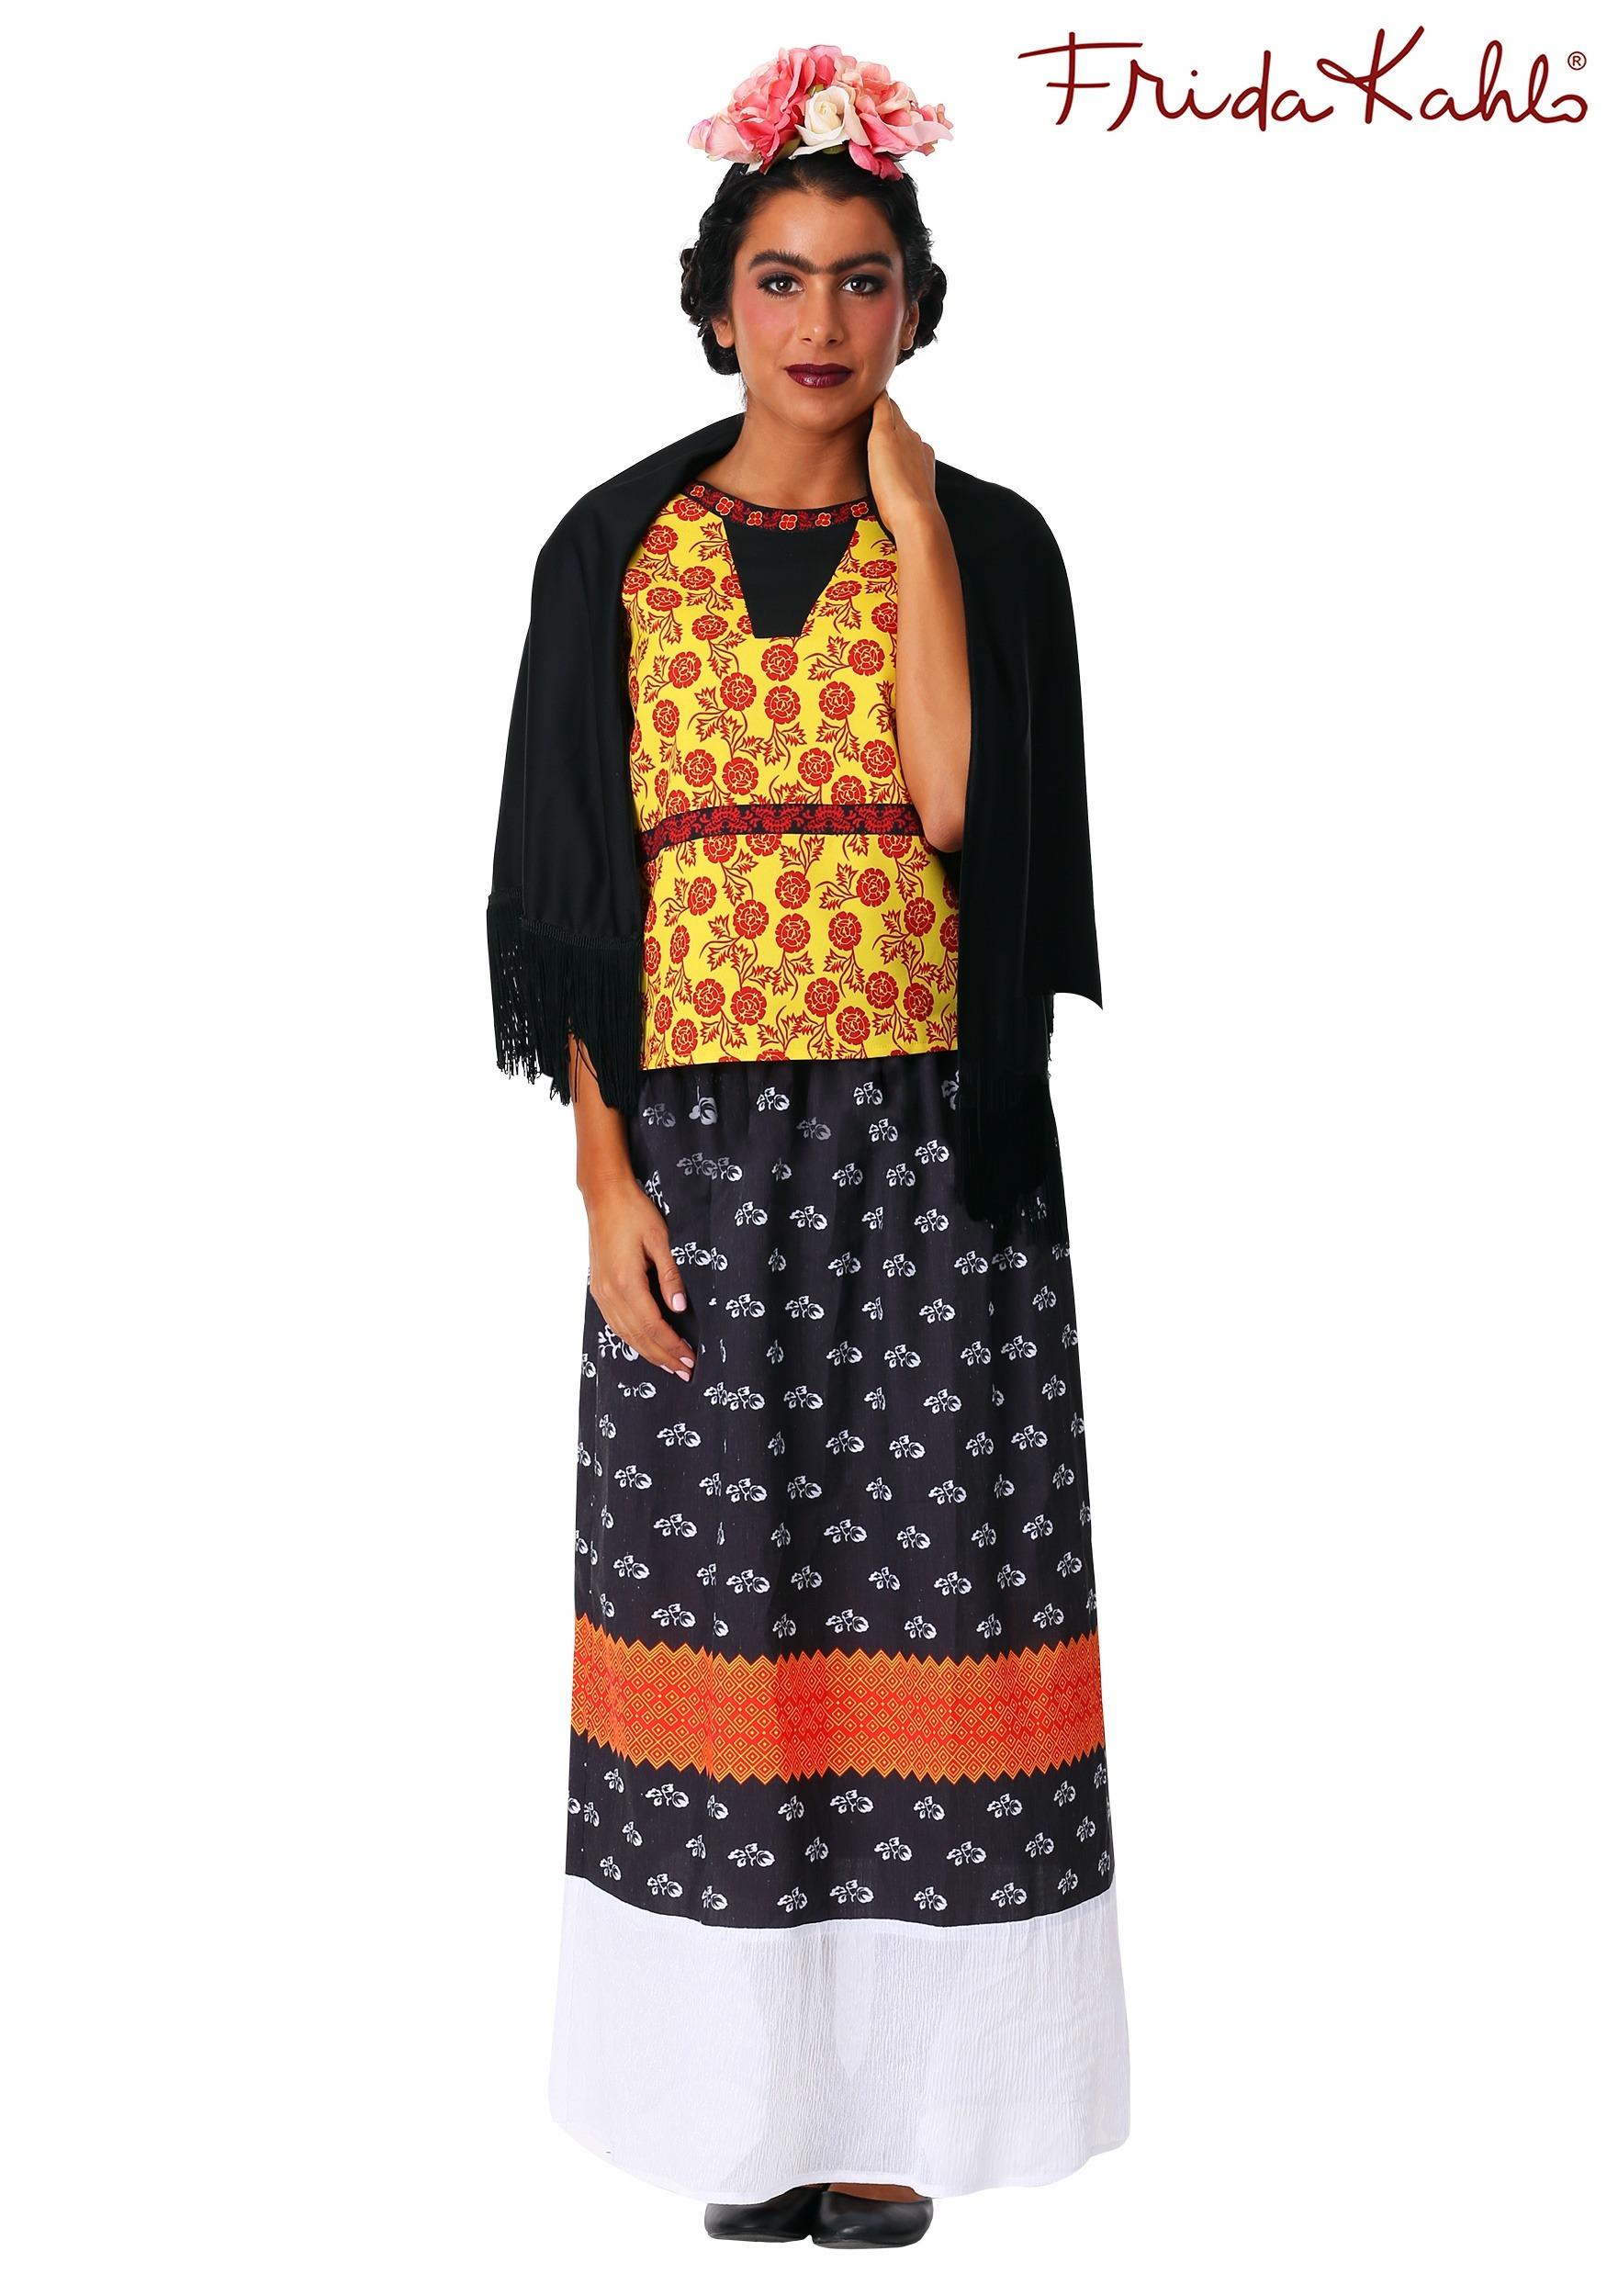 Women S Frida Kahlo Costume Dress